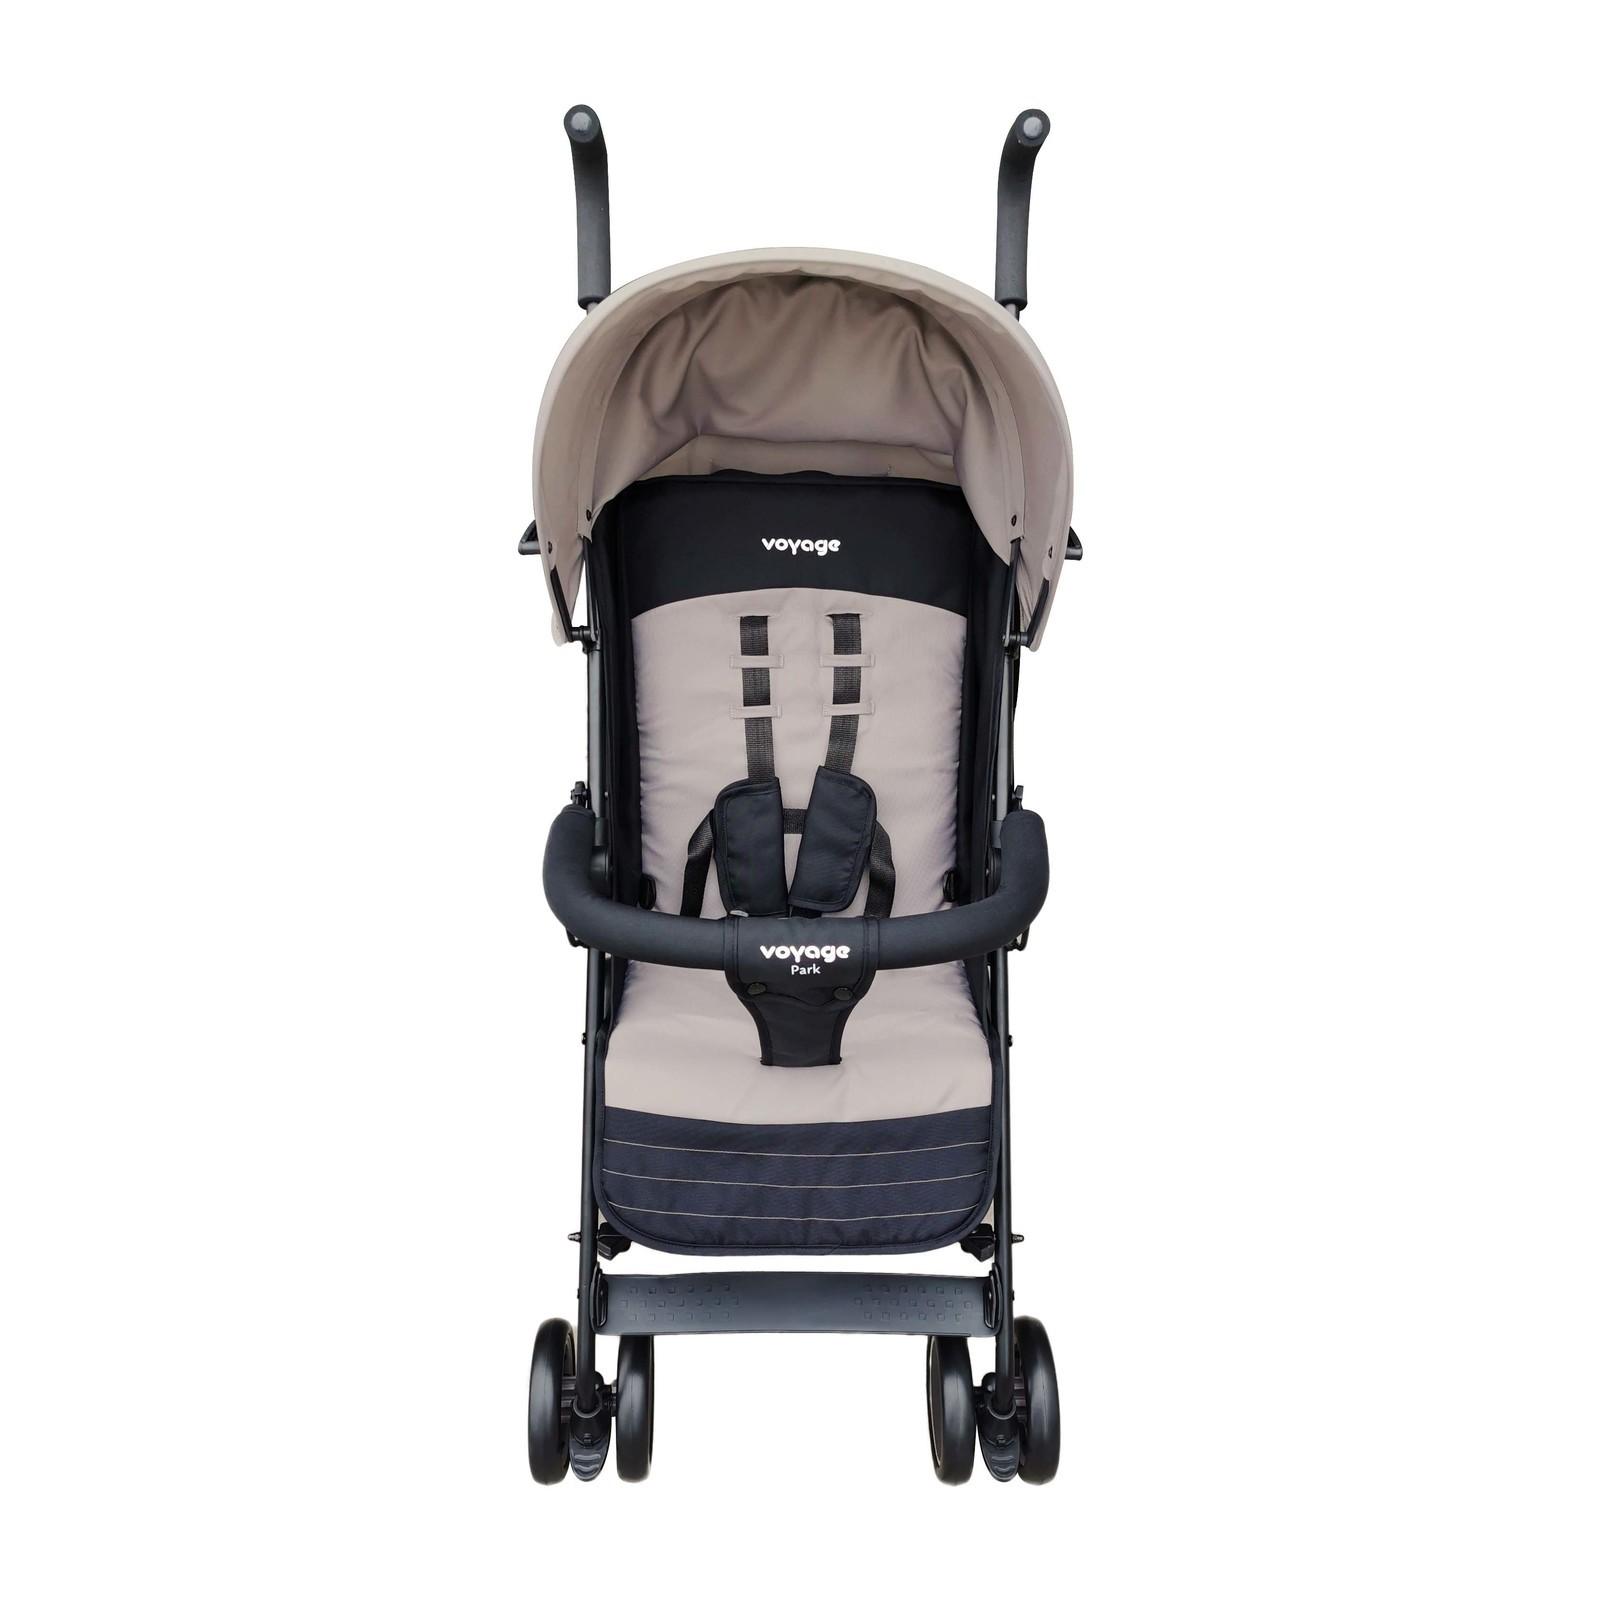 Carrinho De Bebê Berço E Passeio Park Bege Voyage